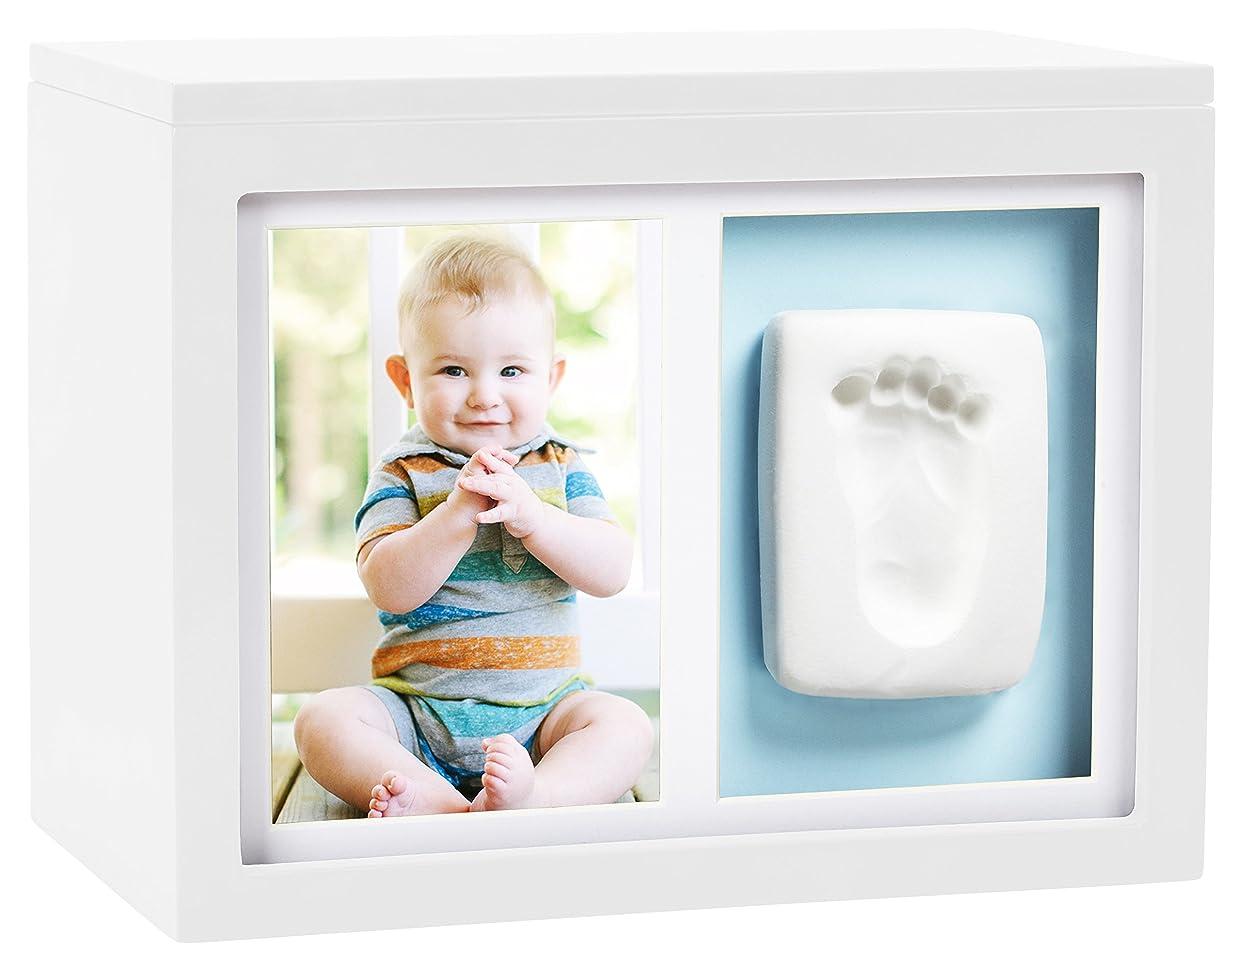 ホテル証明書再びPearhead Babyprintsインプリントキット付きホワイトボックス、ホワイト